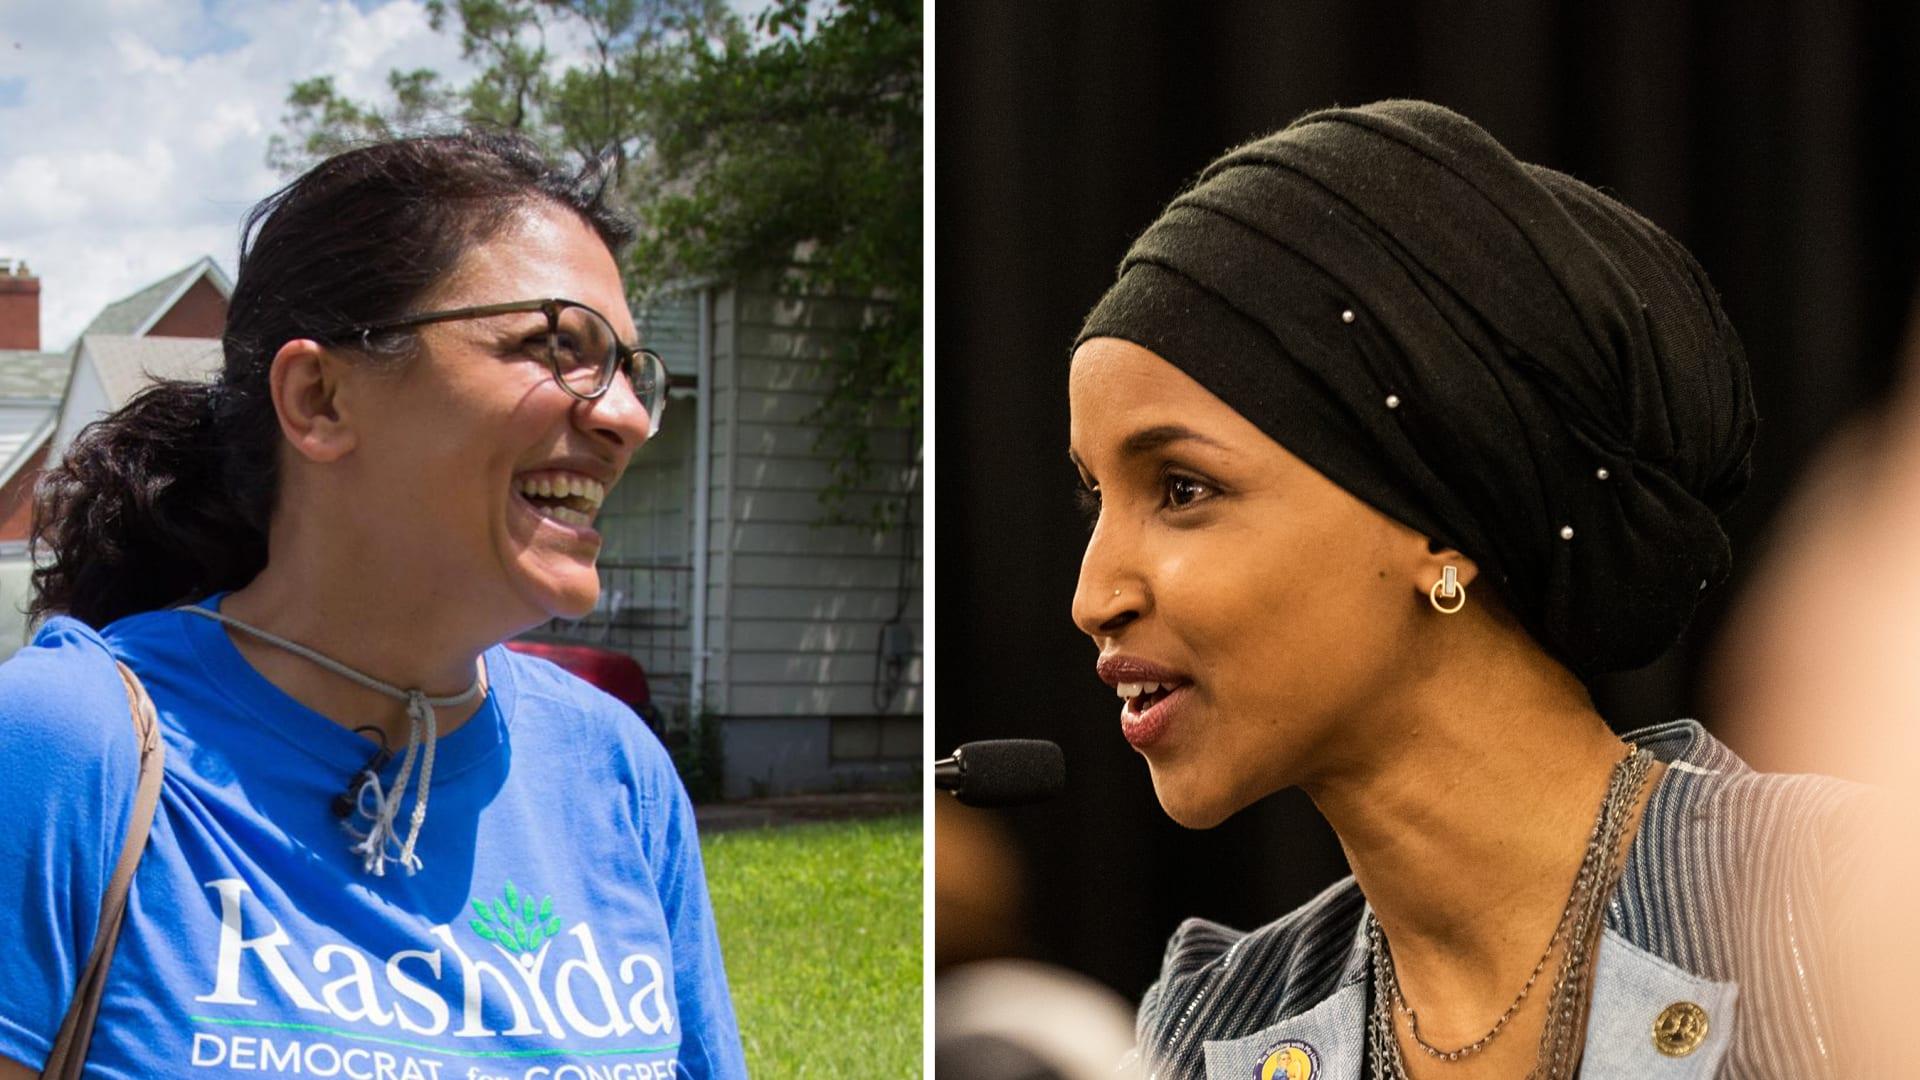 إلهان عمر.. مسلمة هربت من الحرب بالصومال لتصبح مشرّعة بأمريكا